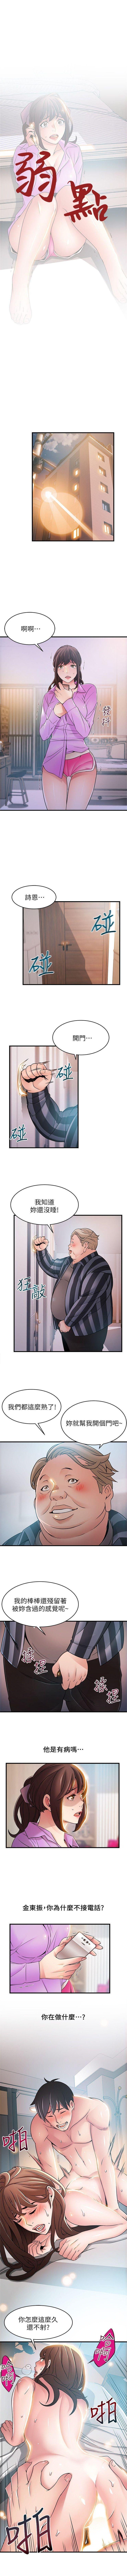 弱点 1-64 中文翻译(更新中) 205